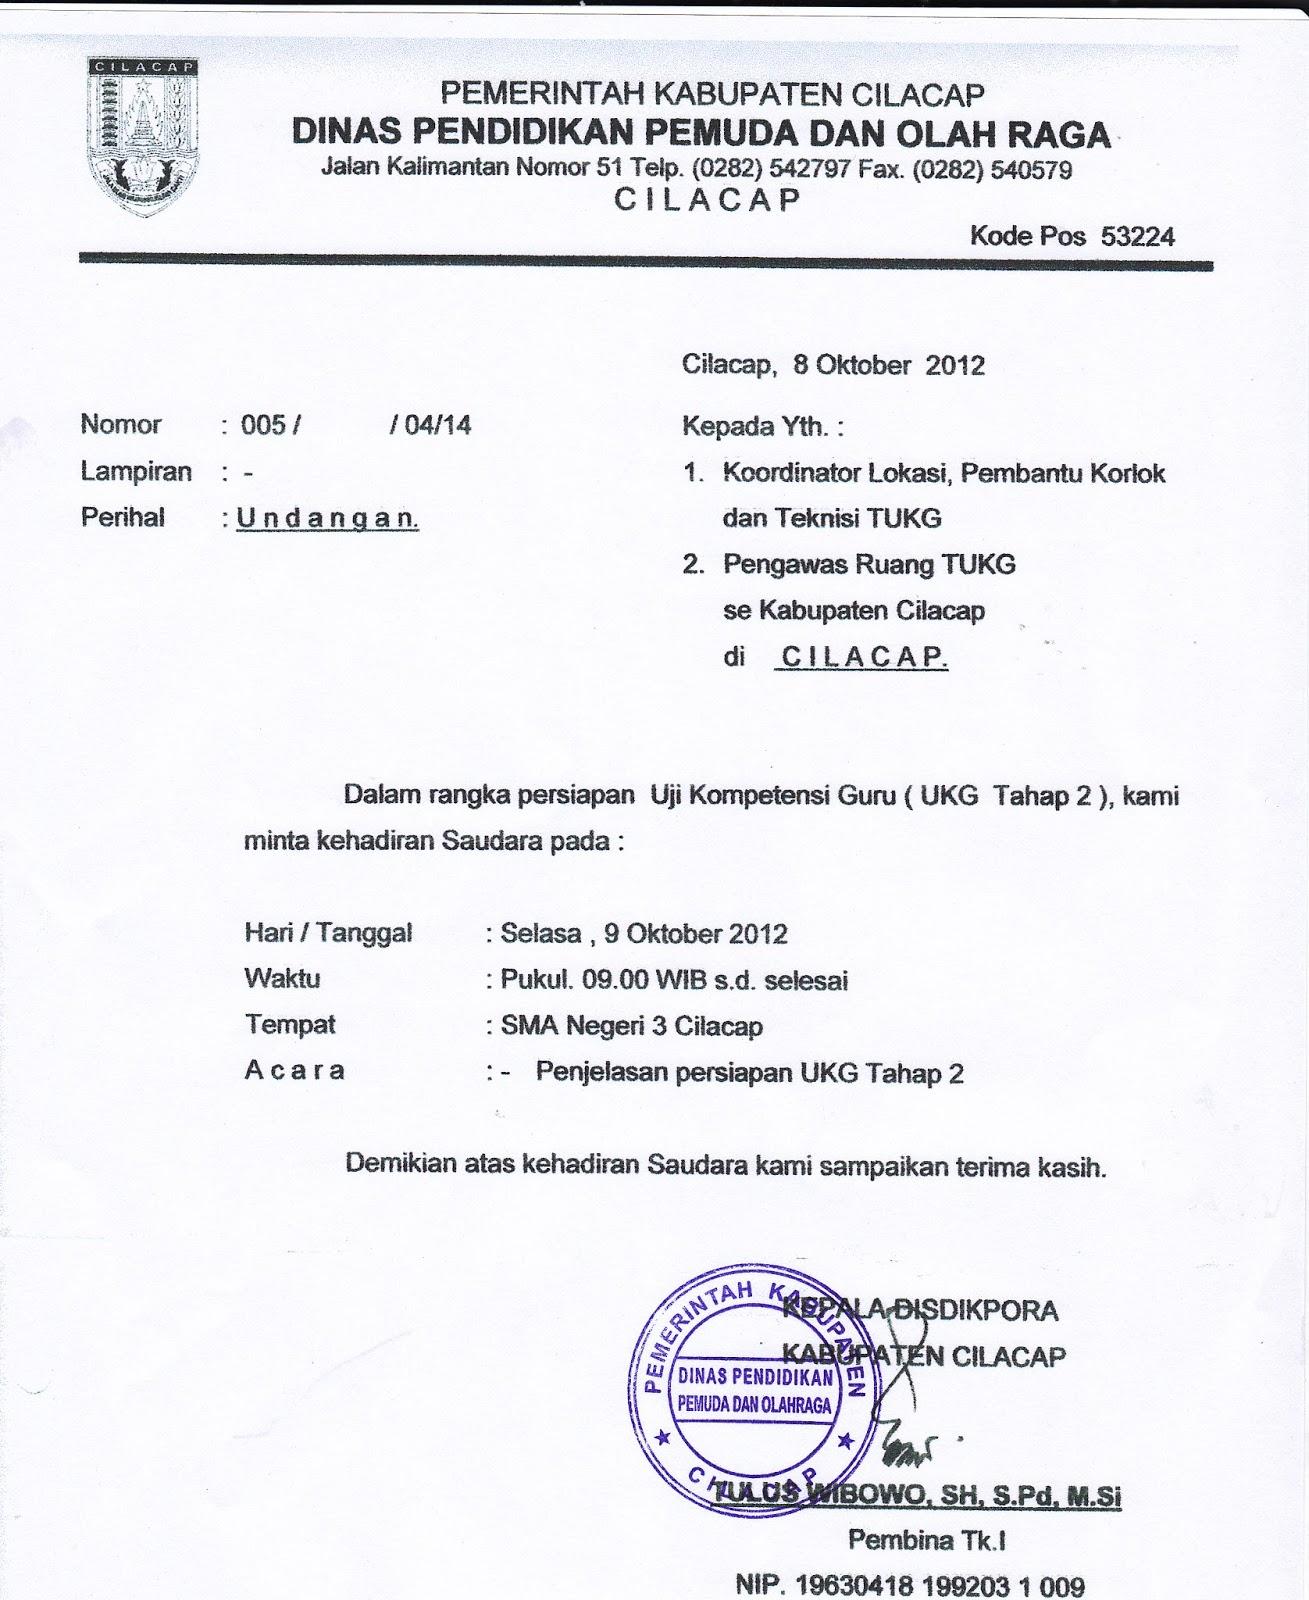 Contoh Surat dinas undangan 2018 | Kumpulan Contoh Surat ...